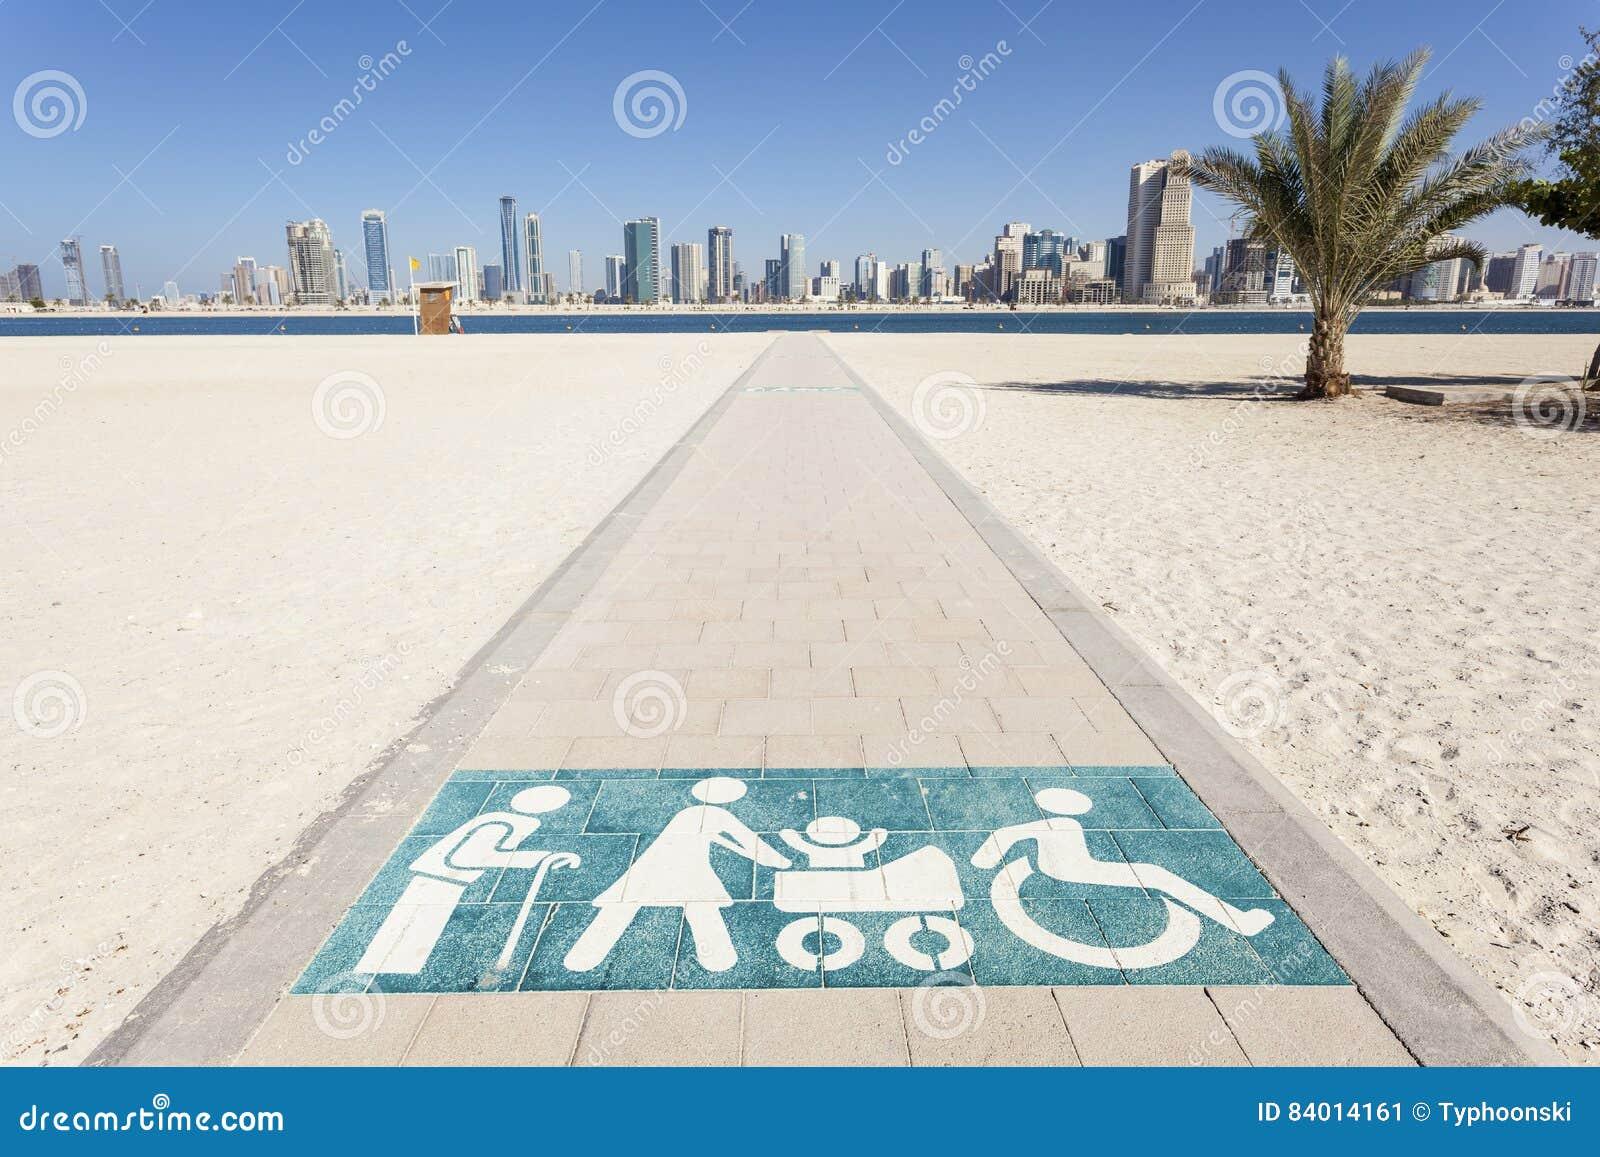 Passagem deficiente à praia em Dubai